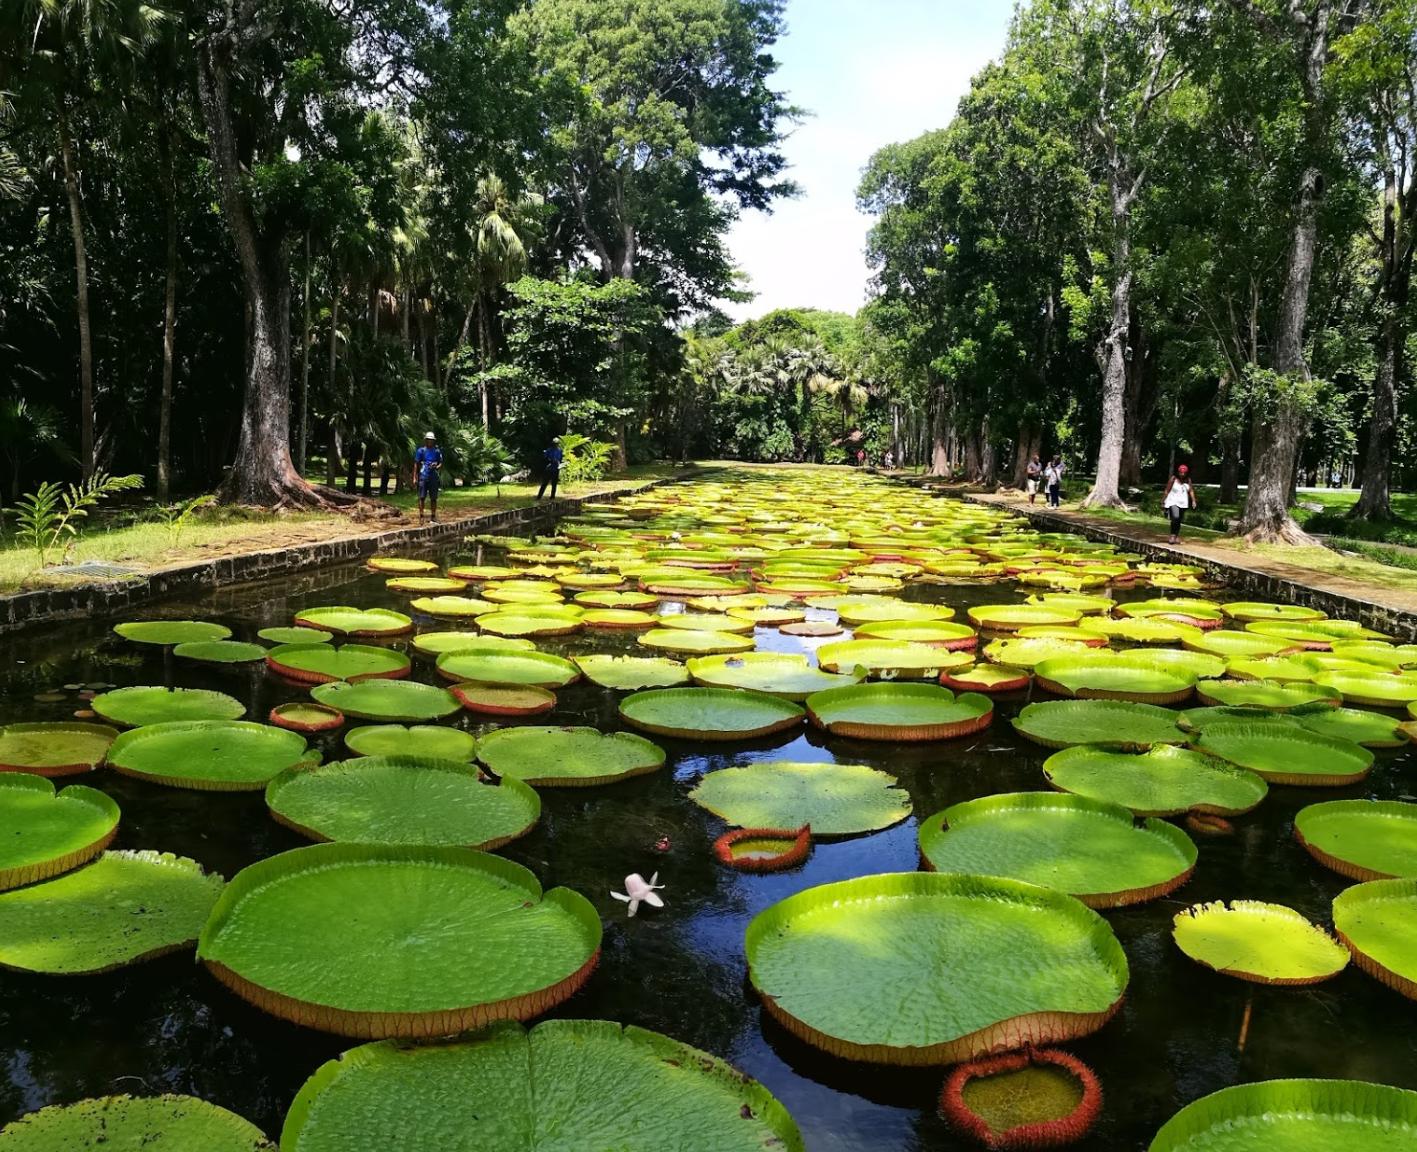 Botanical garden in Pamplemousses